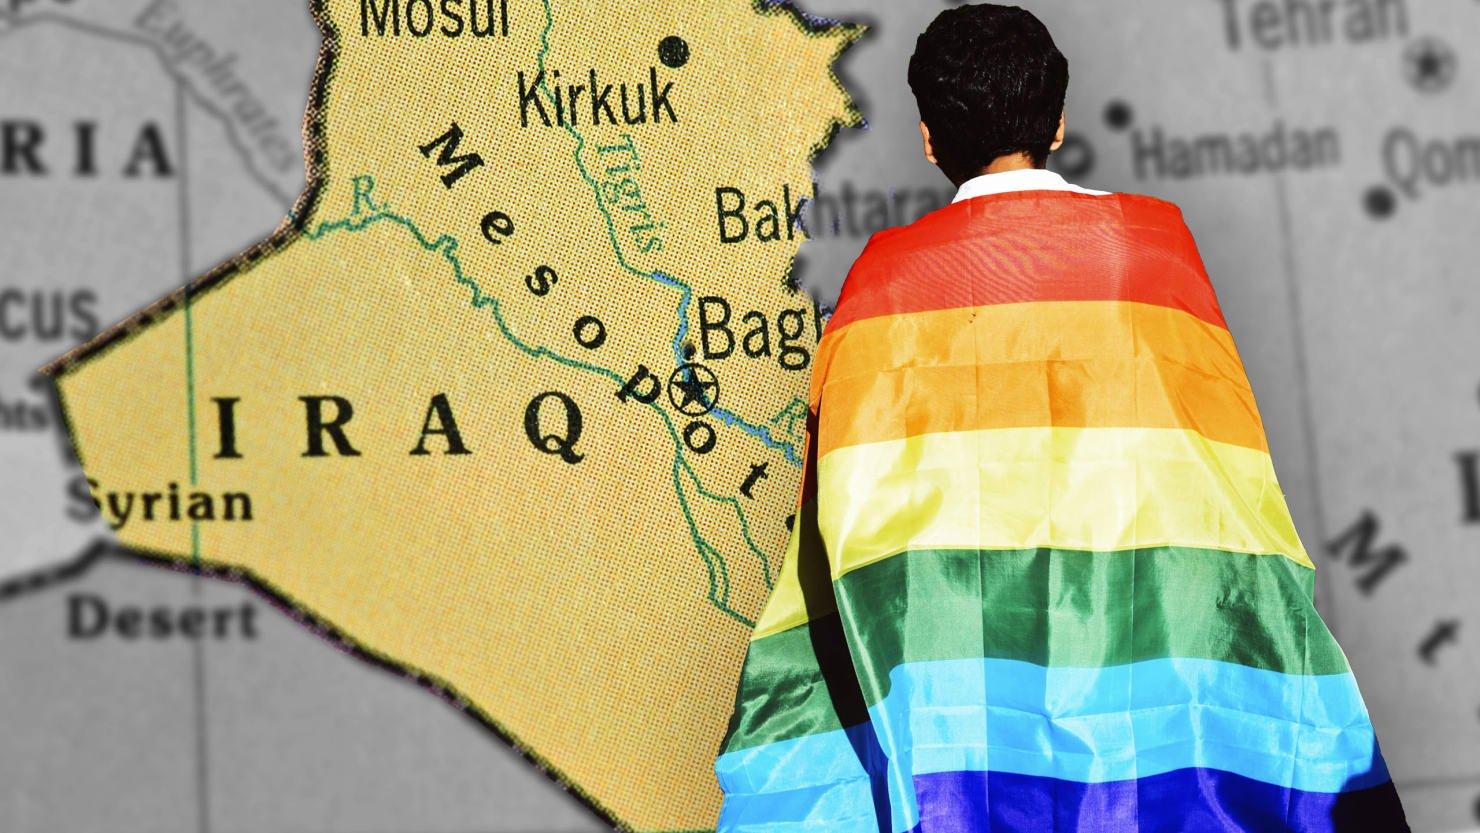 İzmir'deki Göçmen Faciasından Kurtulan Baba: Irak'tan Oğlum Eşcinsel Diye Kaçtık!